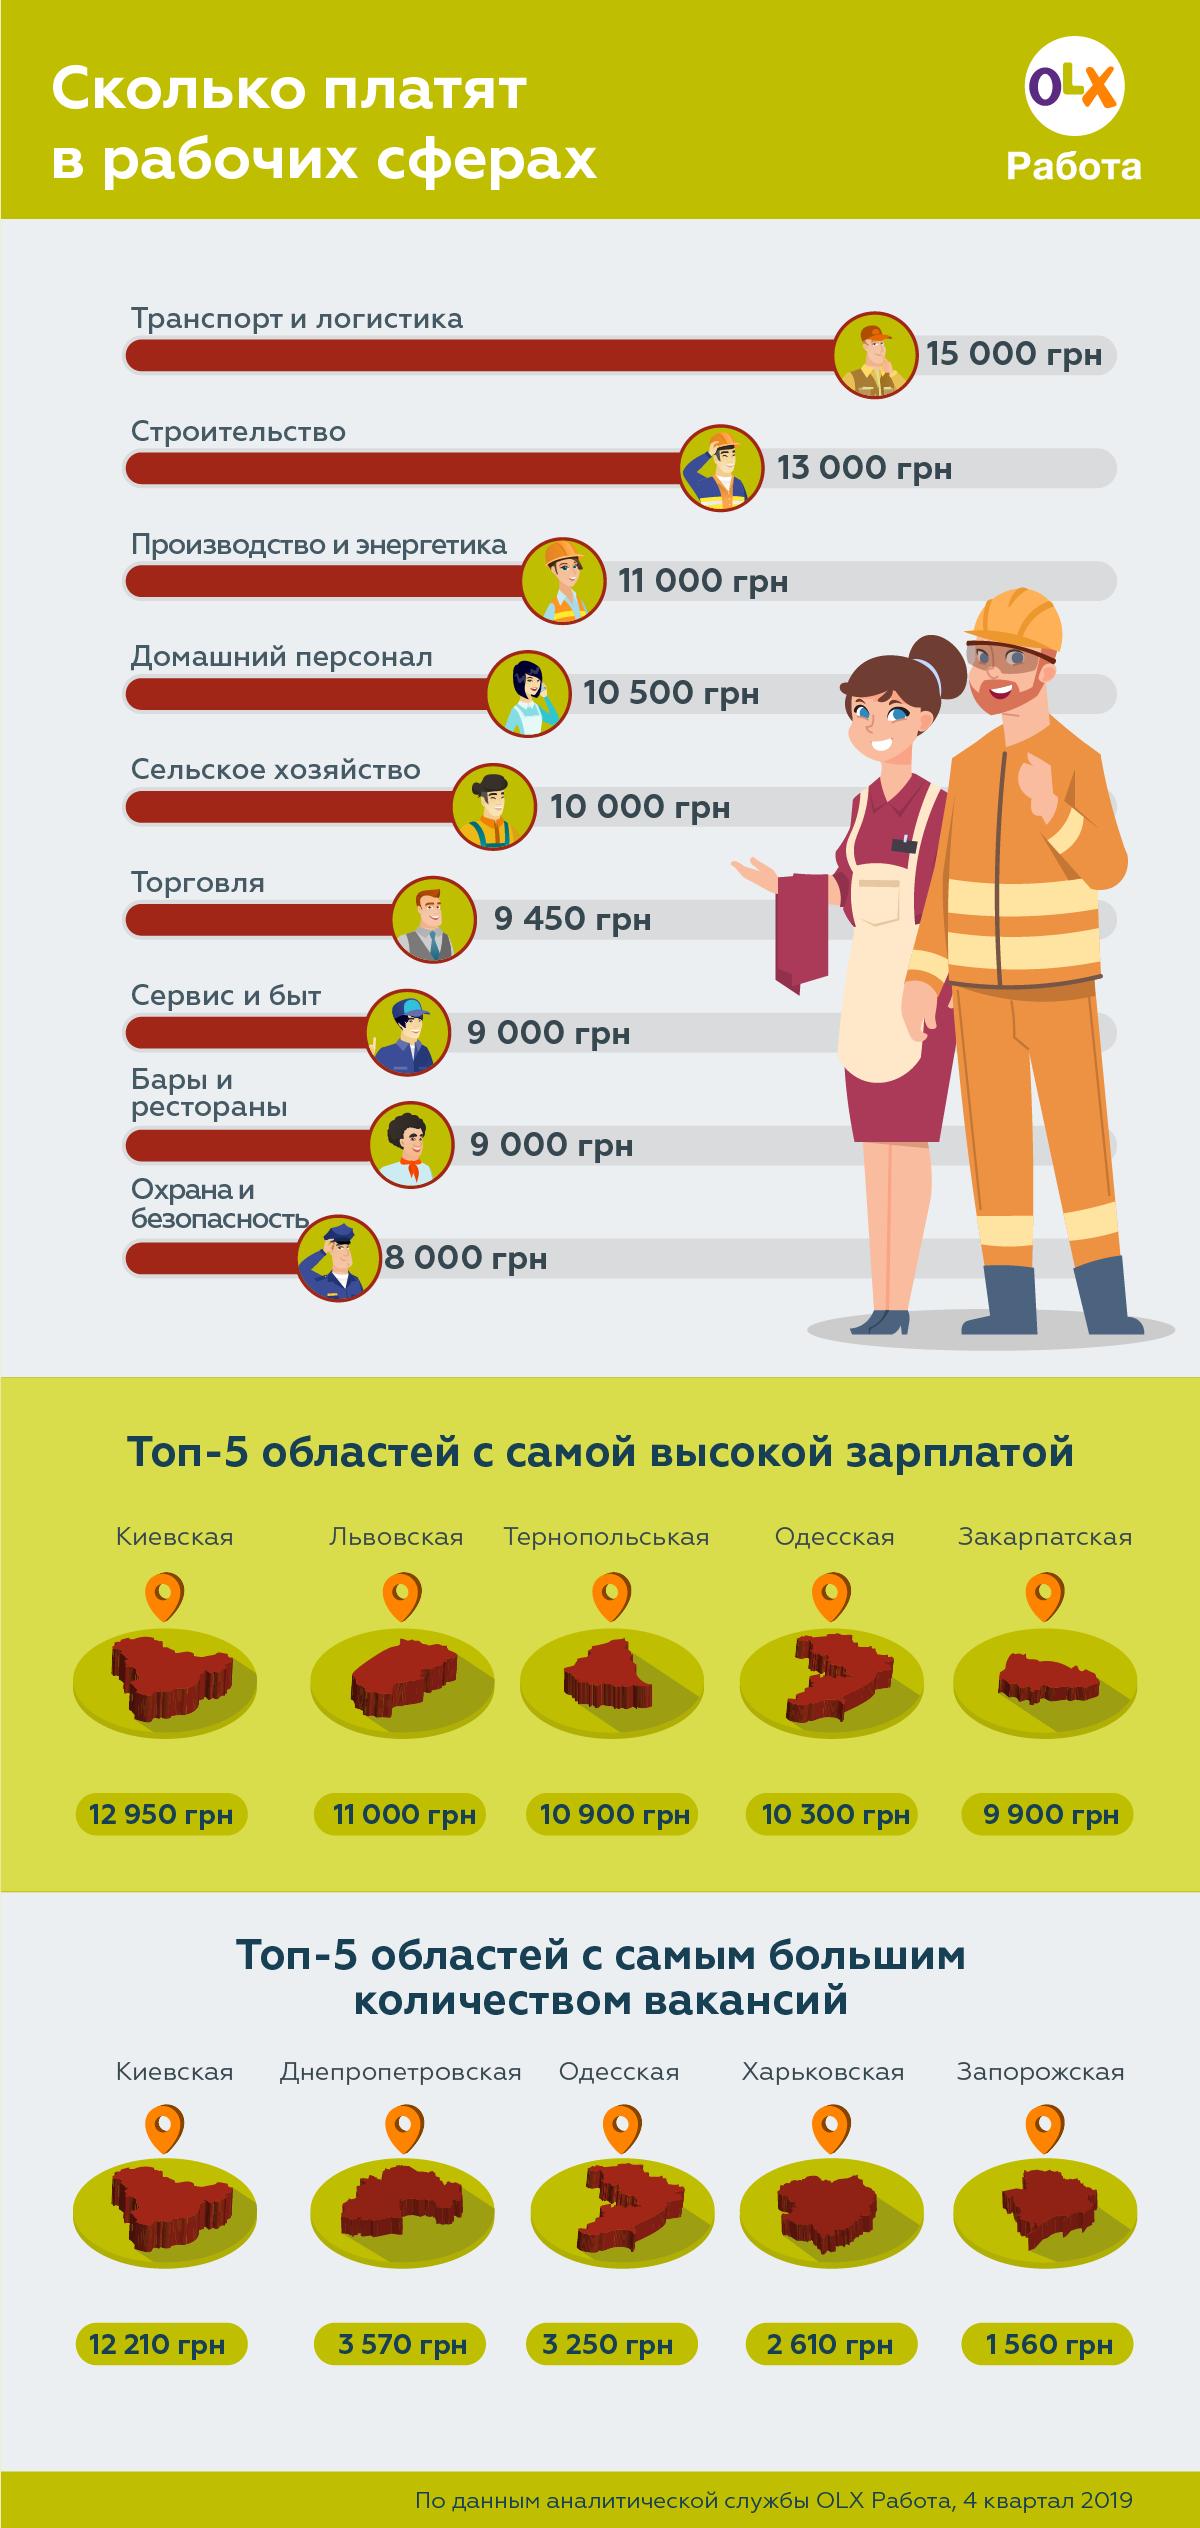 Як в Україні заробити гроші: названо прибуткові професії